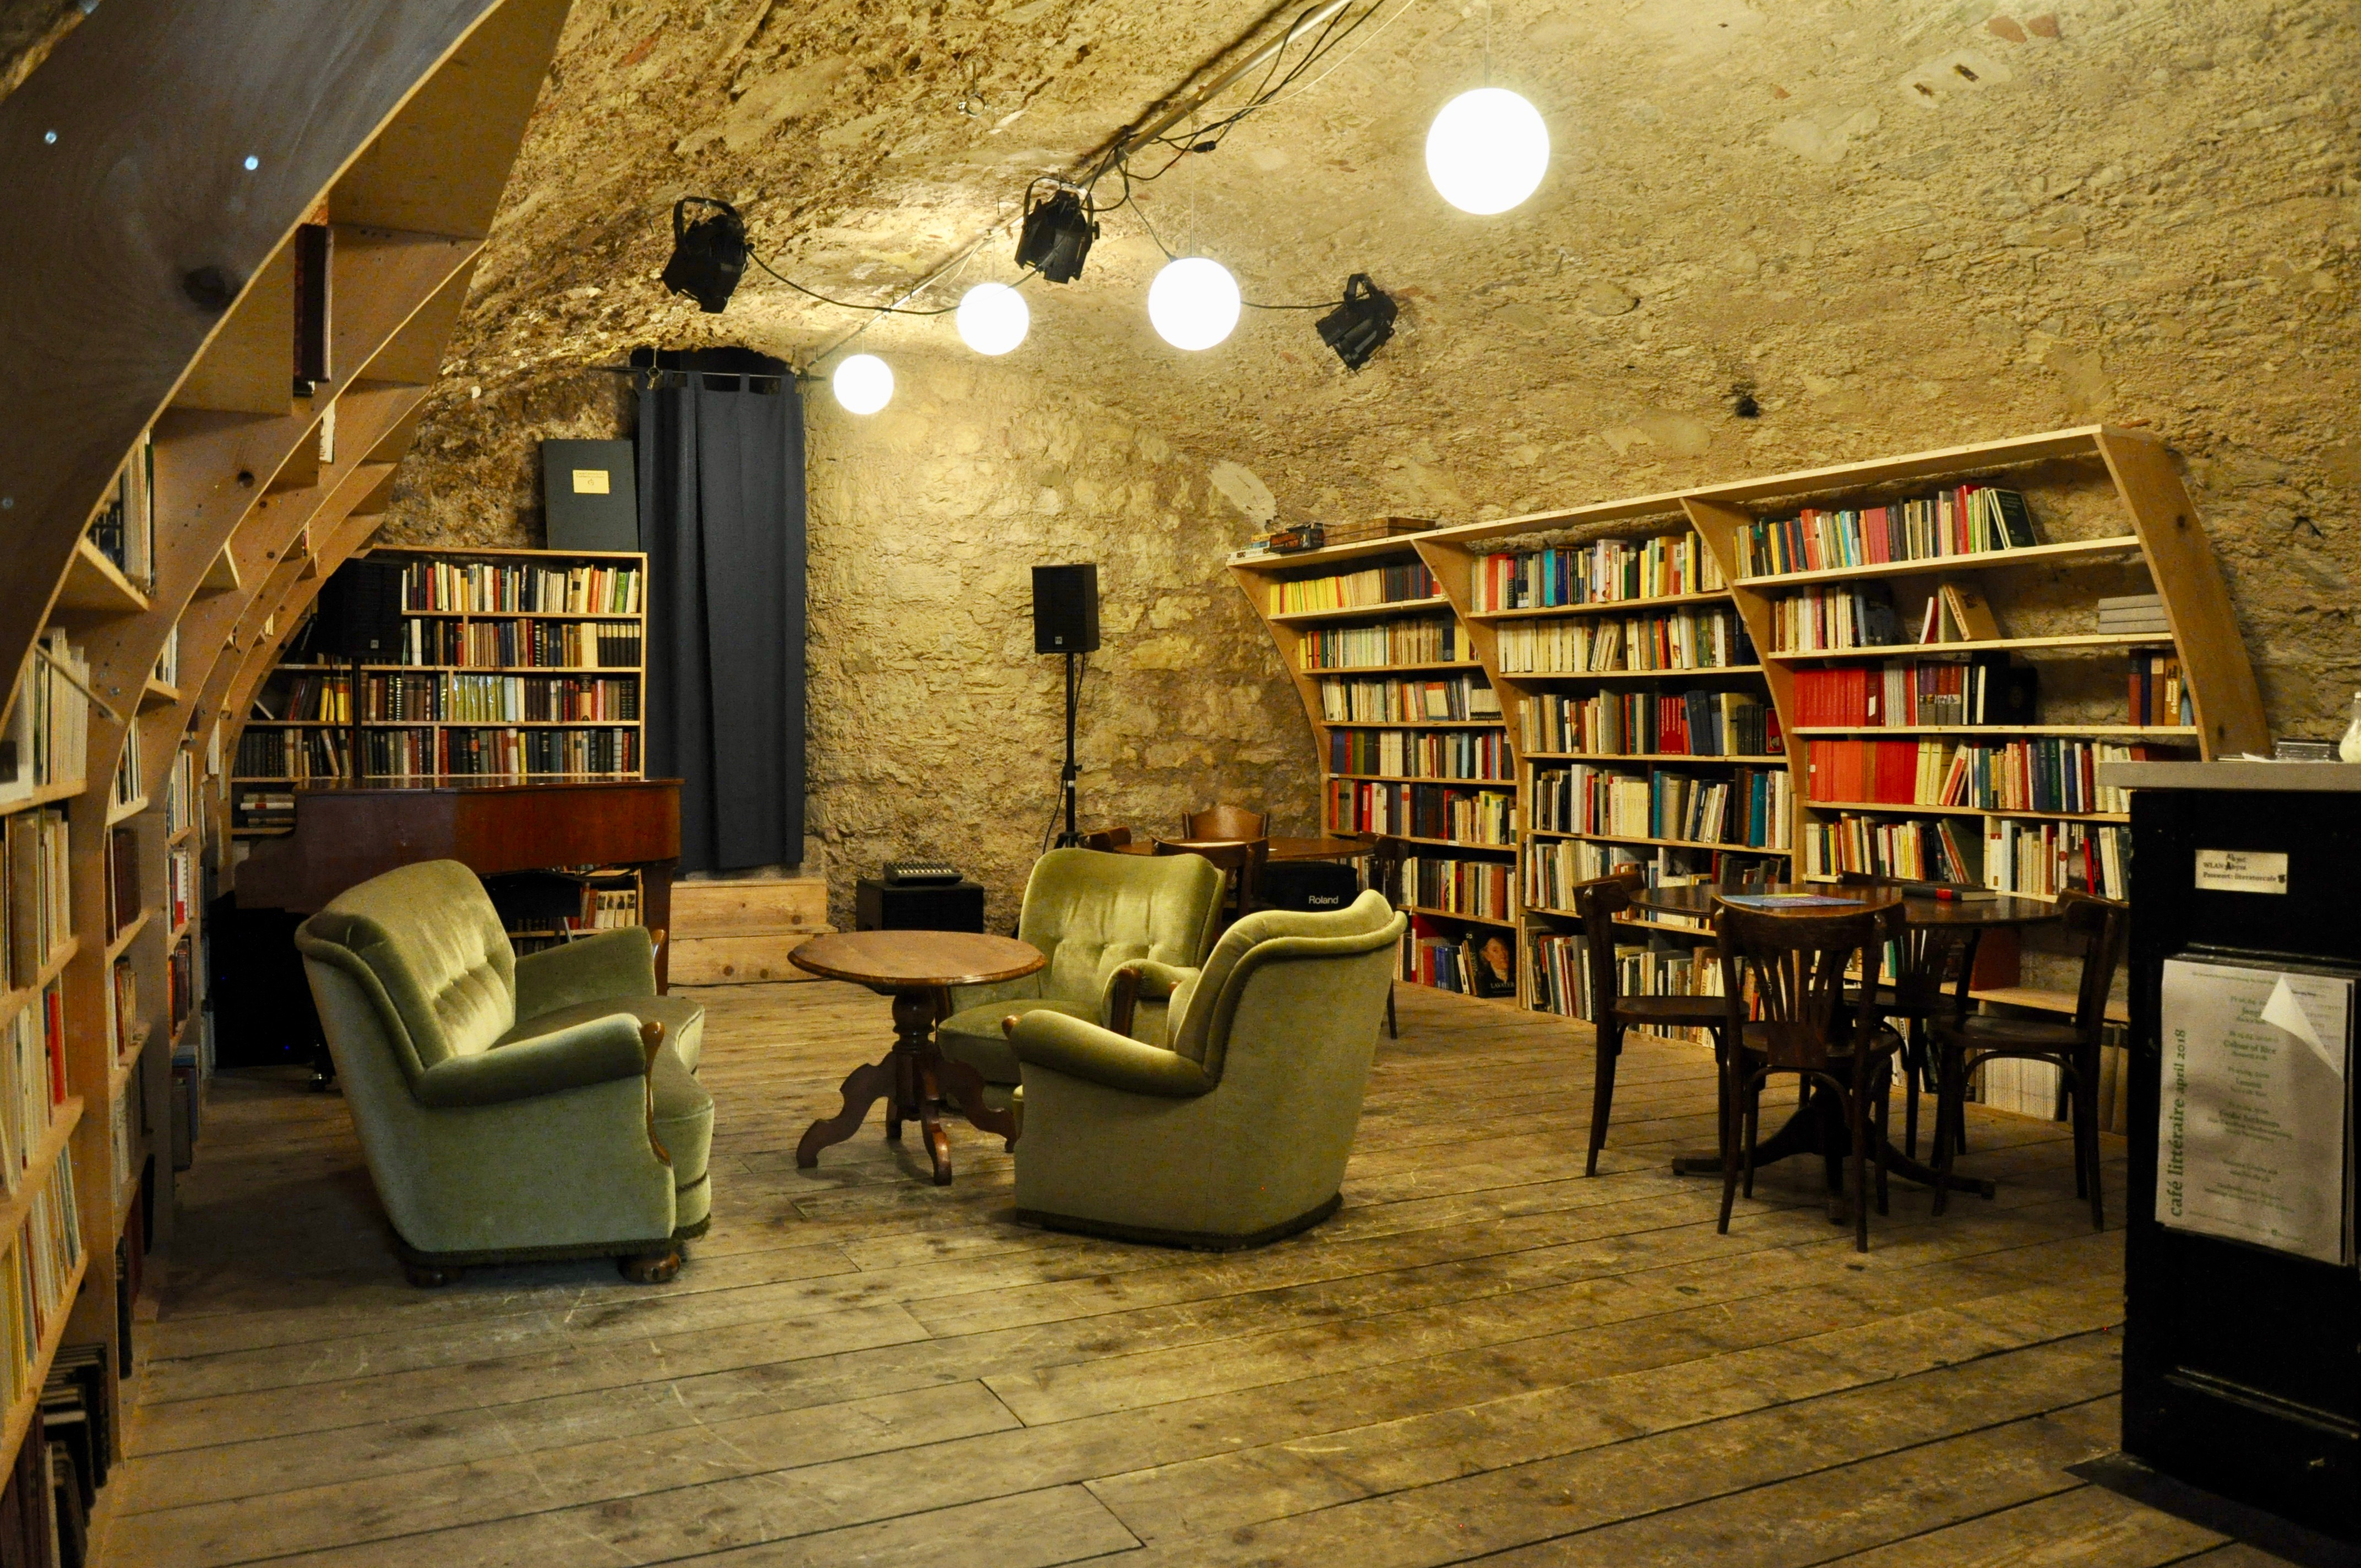 In einem Raum mit Holzboden und Steinwänden befinden sich viele Bücher in Regalen und diverse Sitzmöglichkeiten, ausserdem gibt es eine Musikanlage.